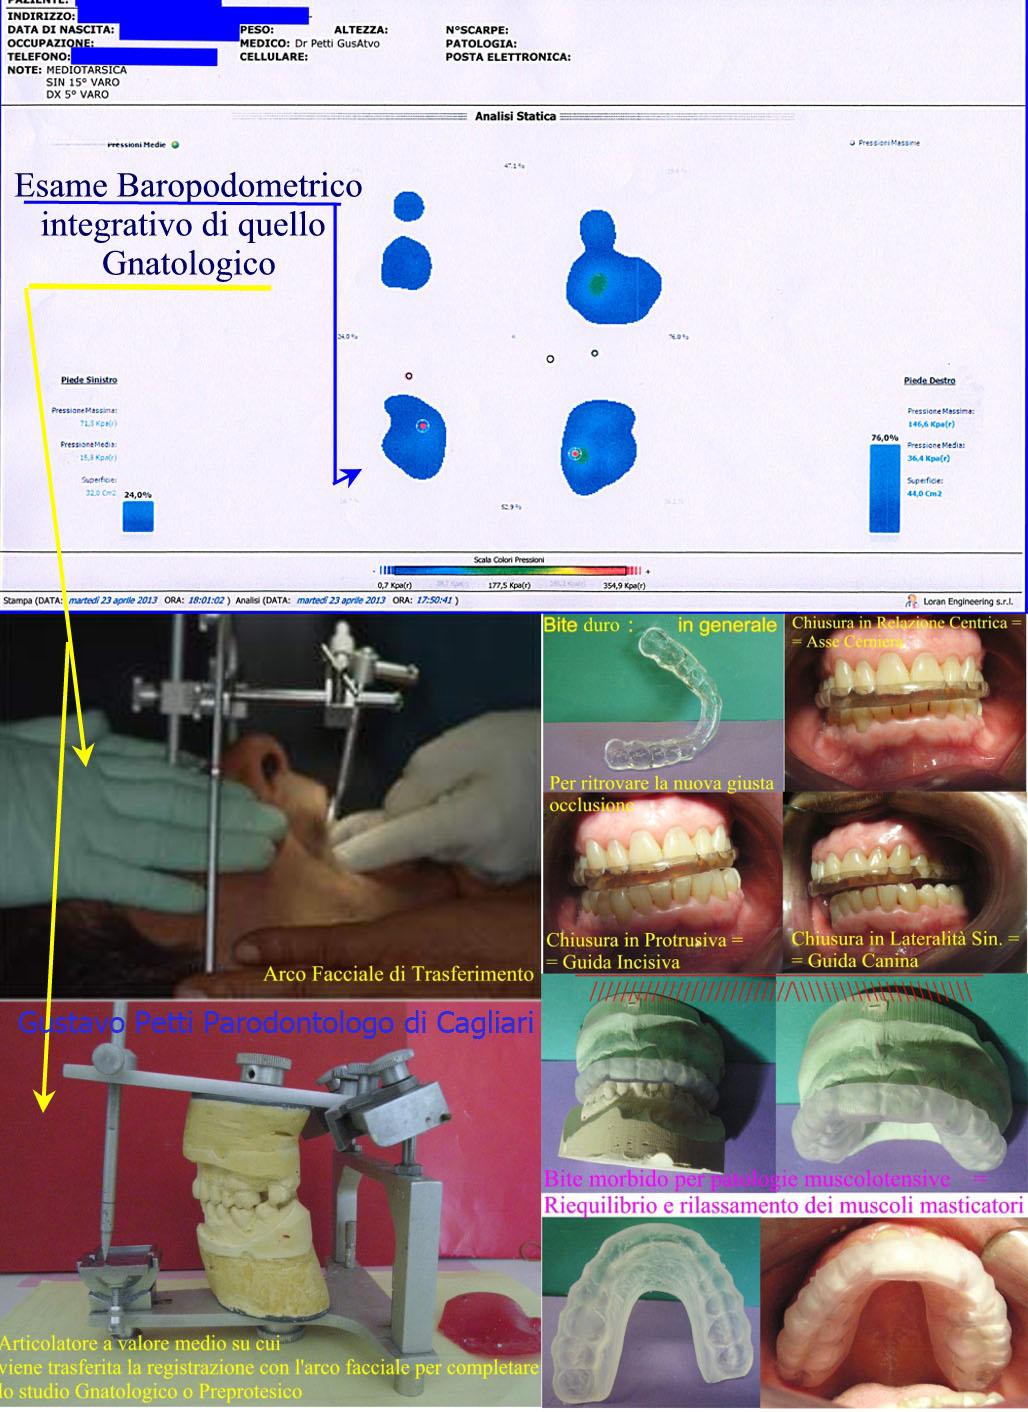 Dr. Gustavo Petti Parodontologo Gnatologo Riabilitatore Orale Completo in Casi Clinici Complessi.  Parte di Visita Gnatologica con arco Facciale e Stabilometria computerizzata